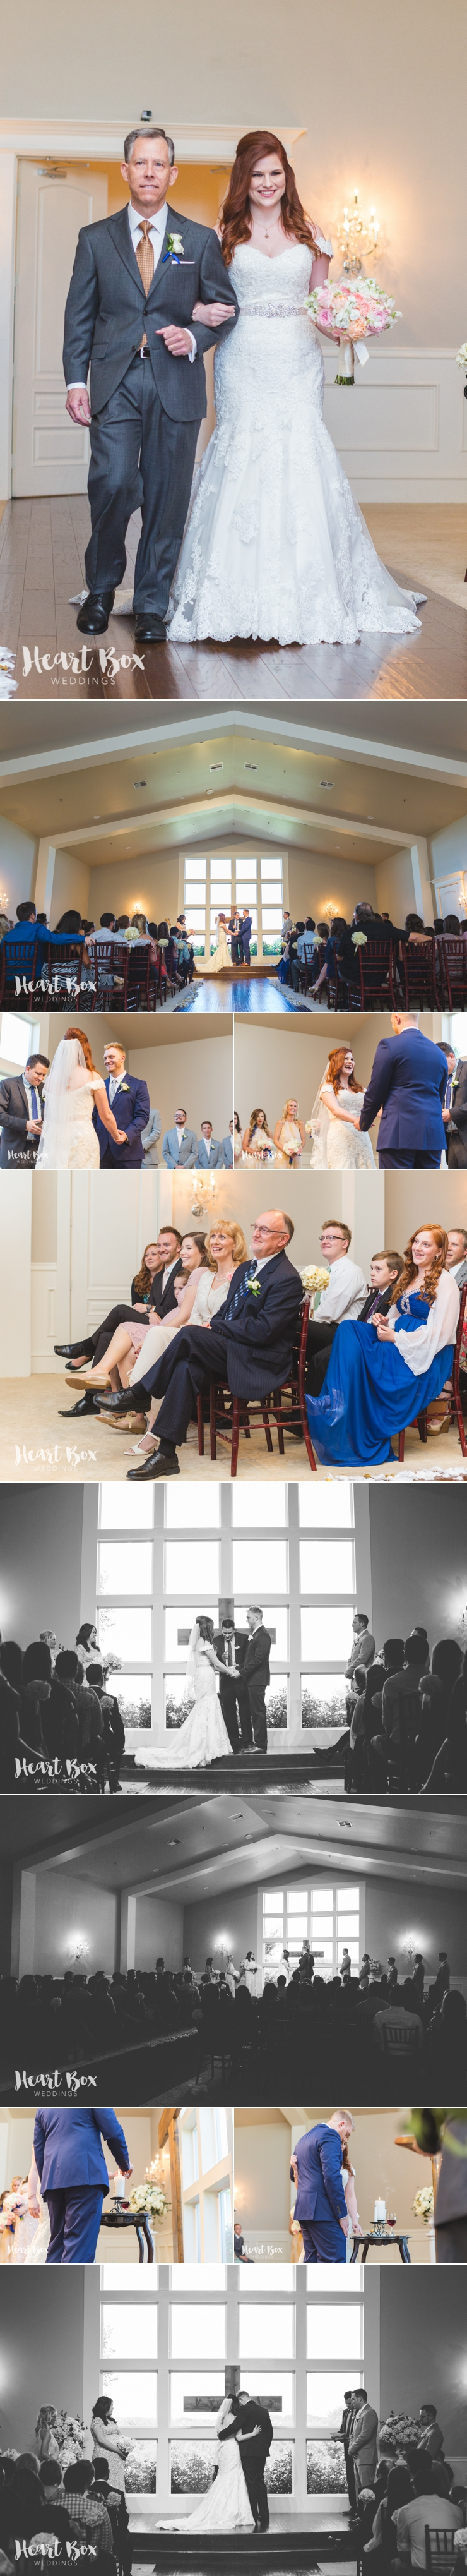 Muprhey Wedding Blog Collages 14.jpg